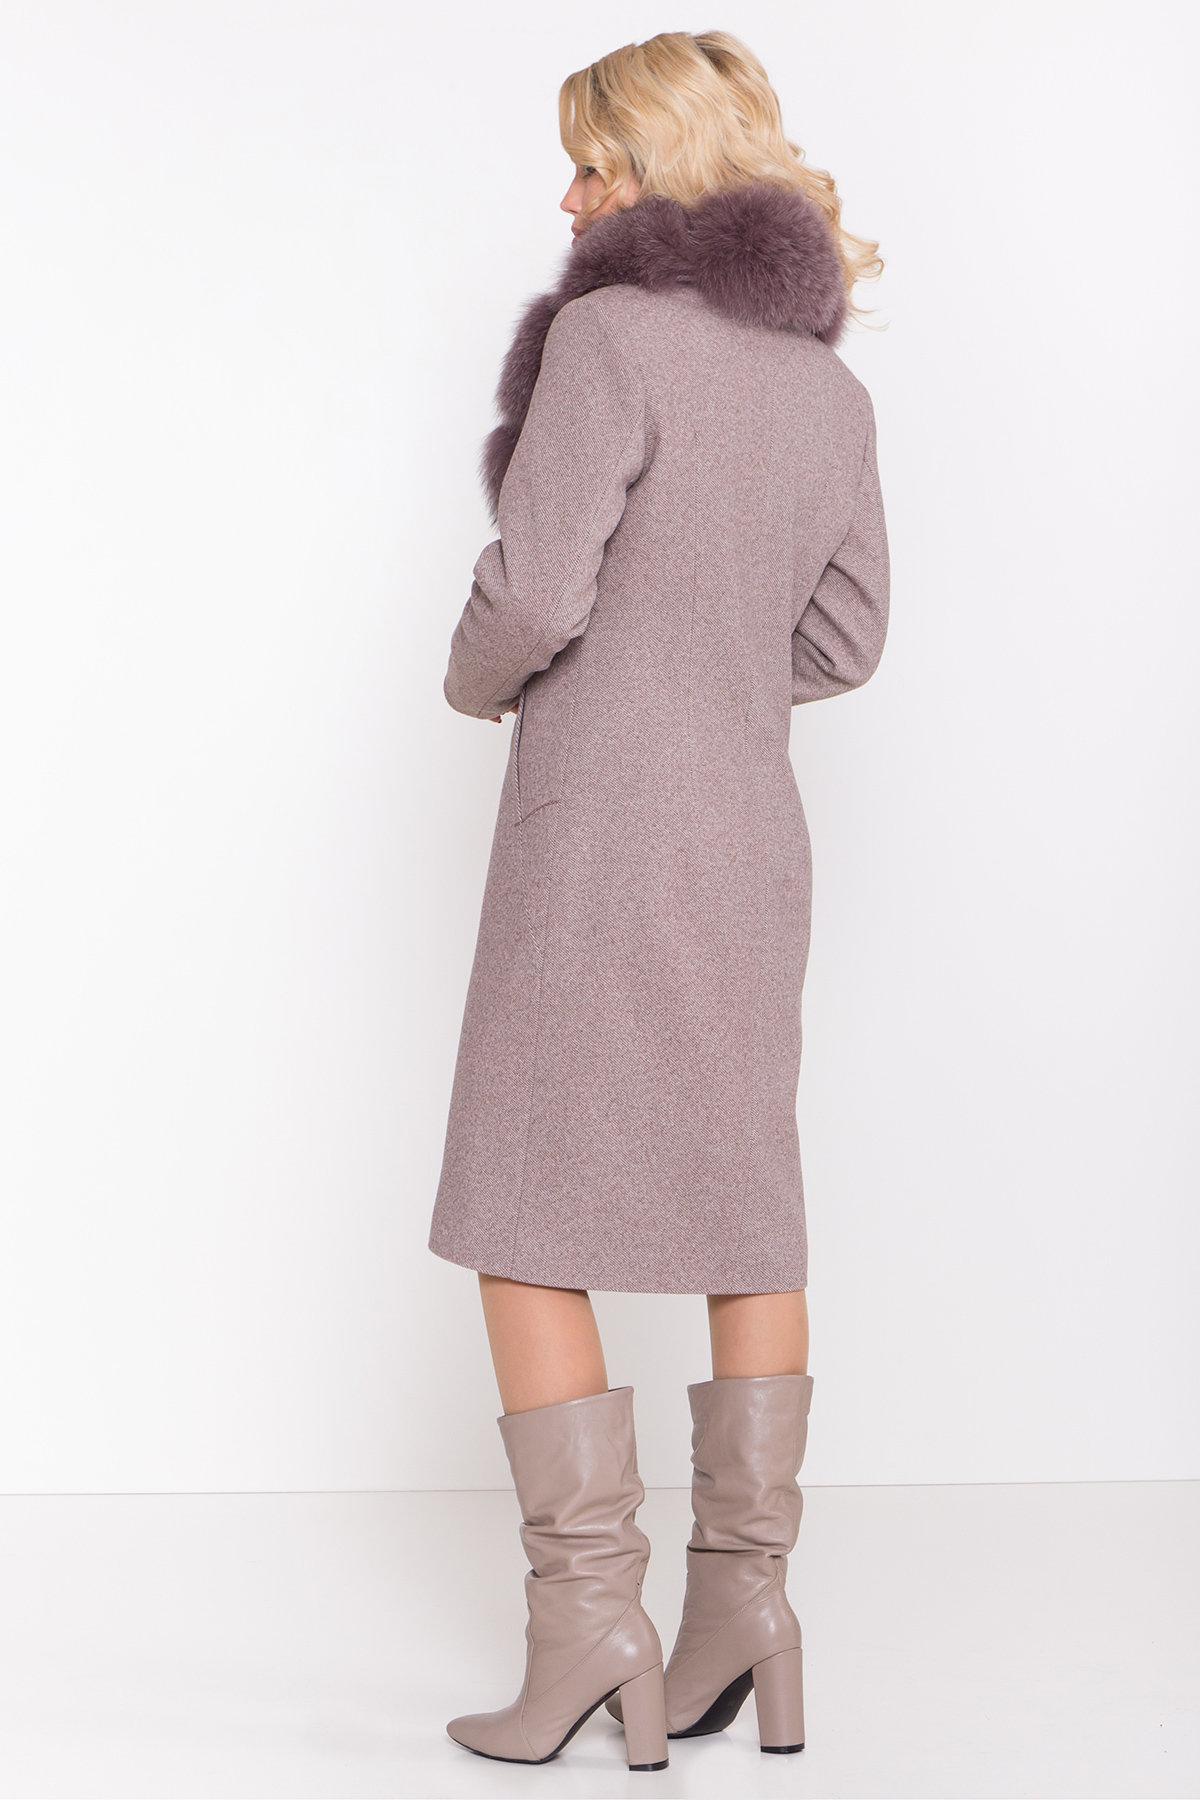 Зимнее пальто с роскошным воротником из песца Камила классик 8489 АРТ. 44779 Цвет: Шоколадный меланж - фото 4, интернет магазин tm-modus.ru